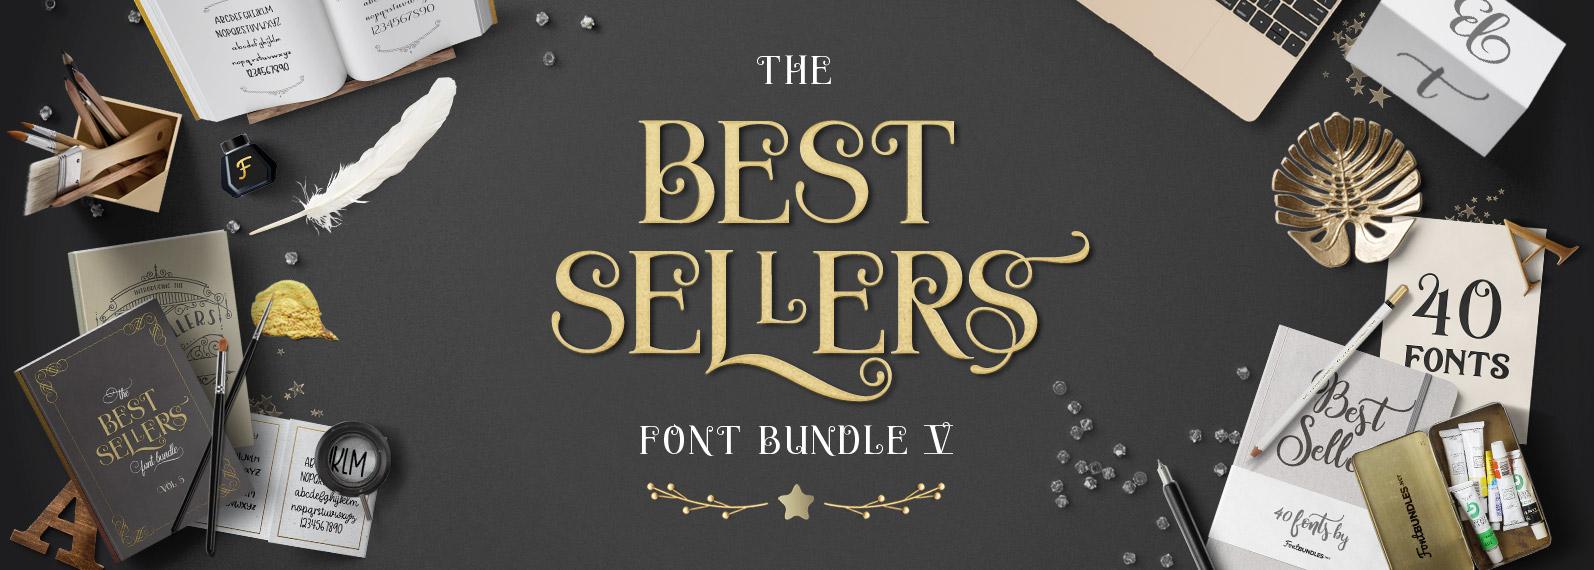 Best Sellers Volume V Cover